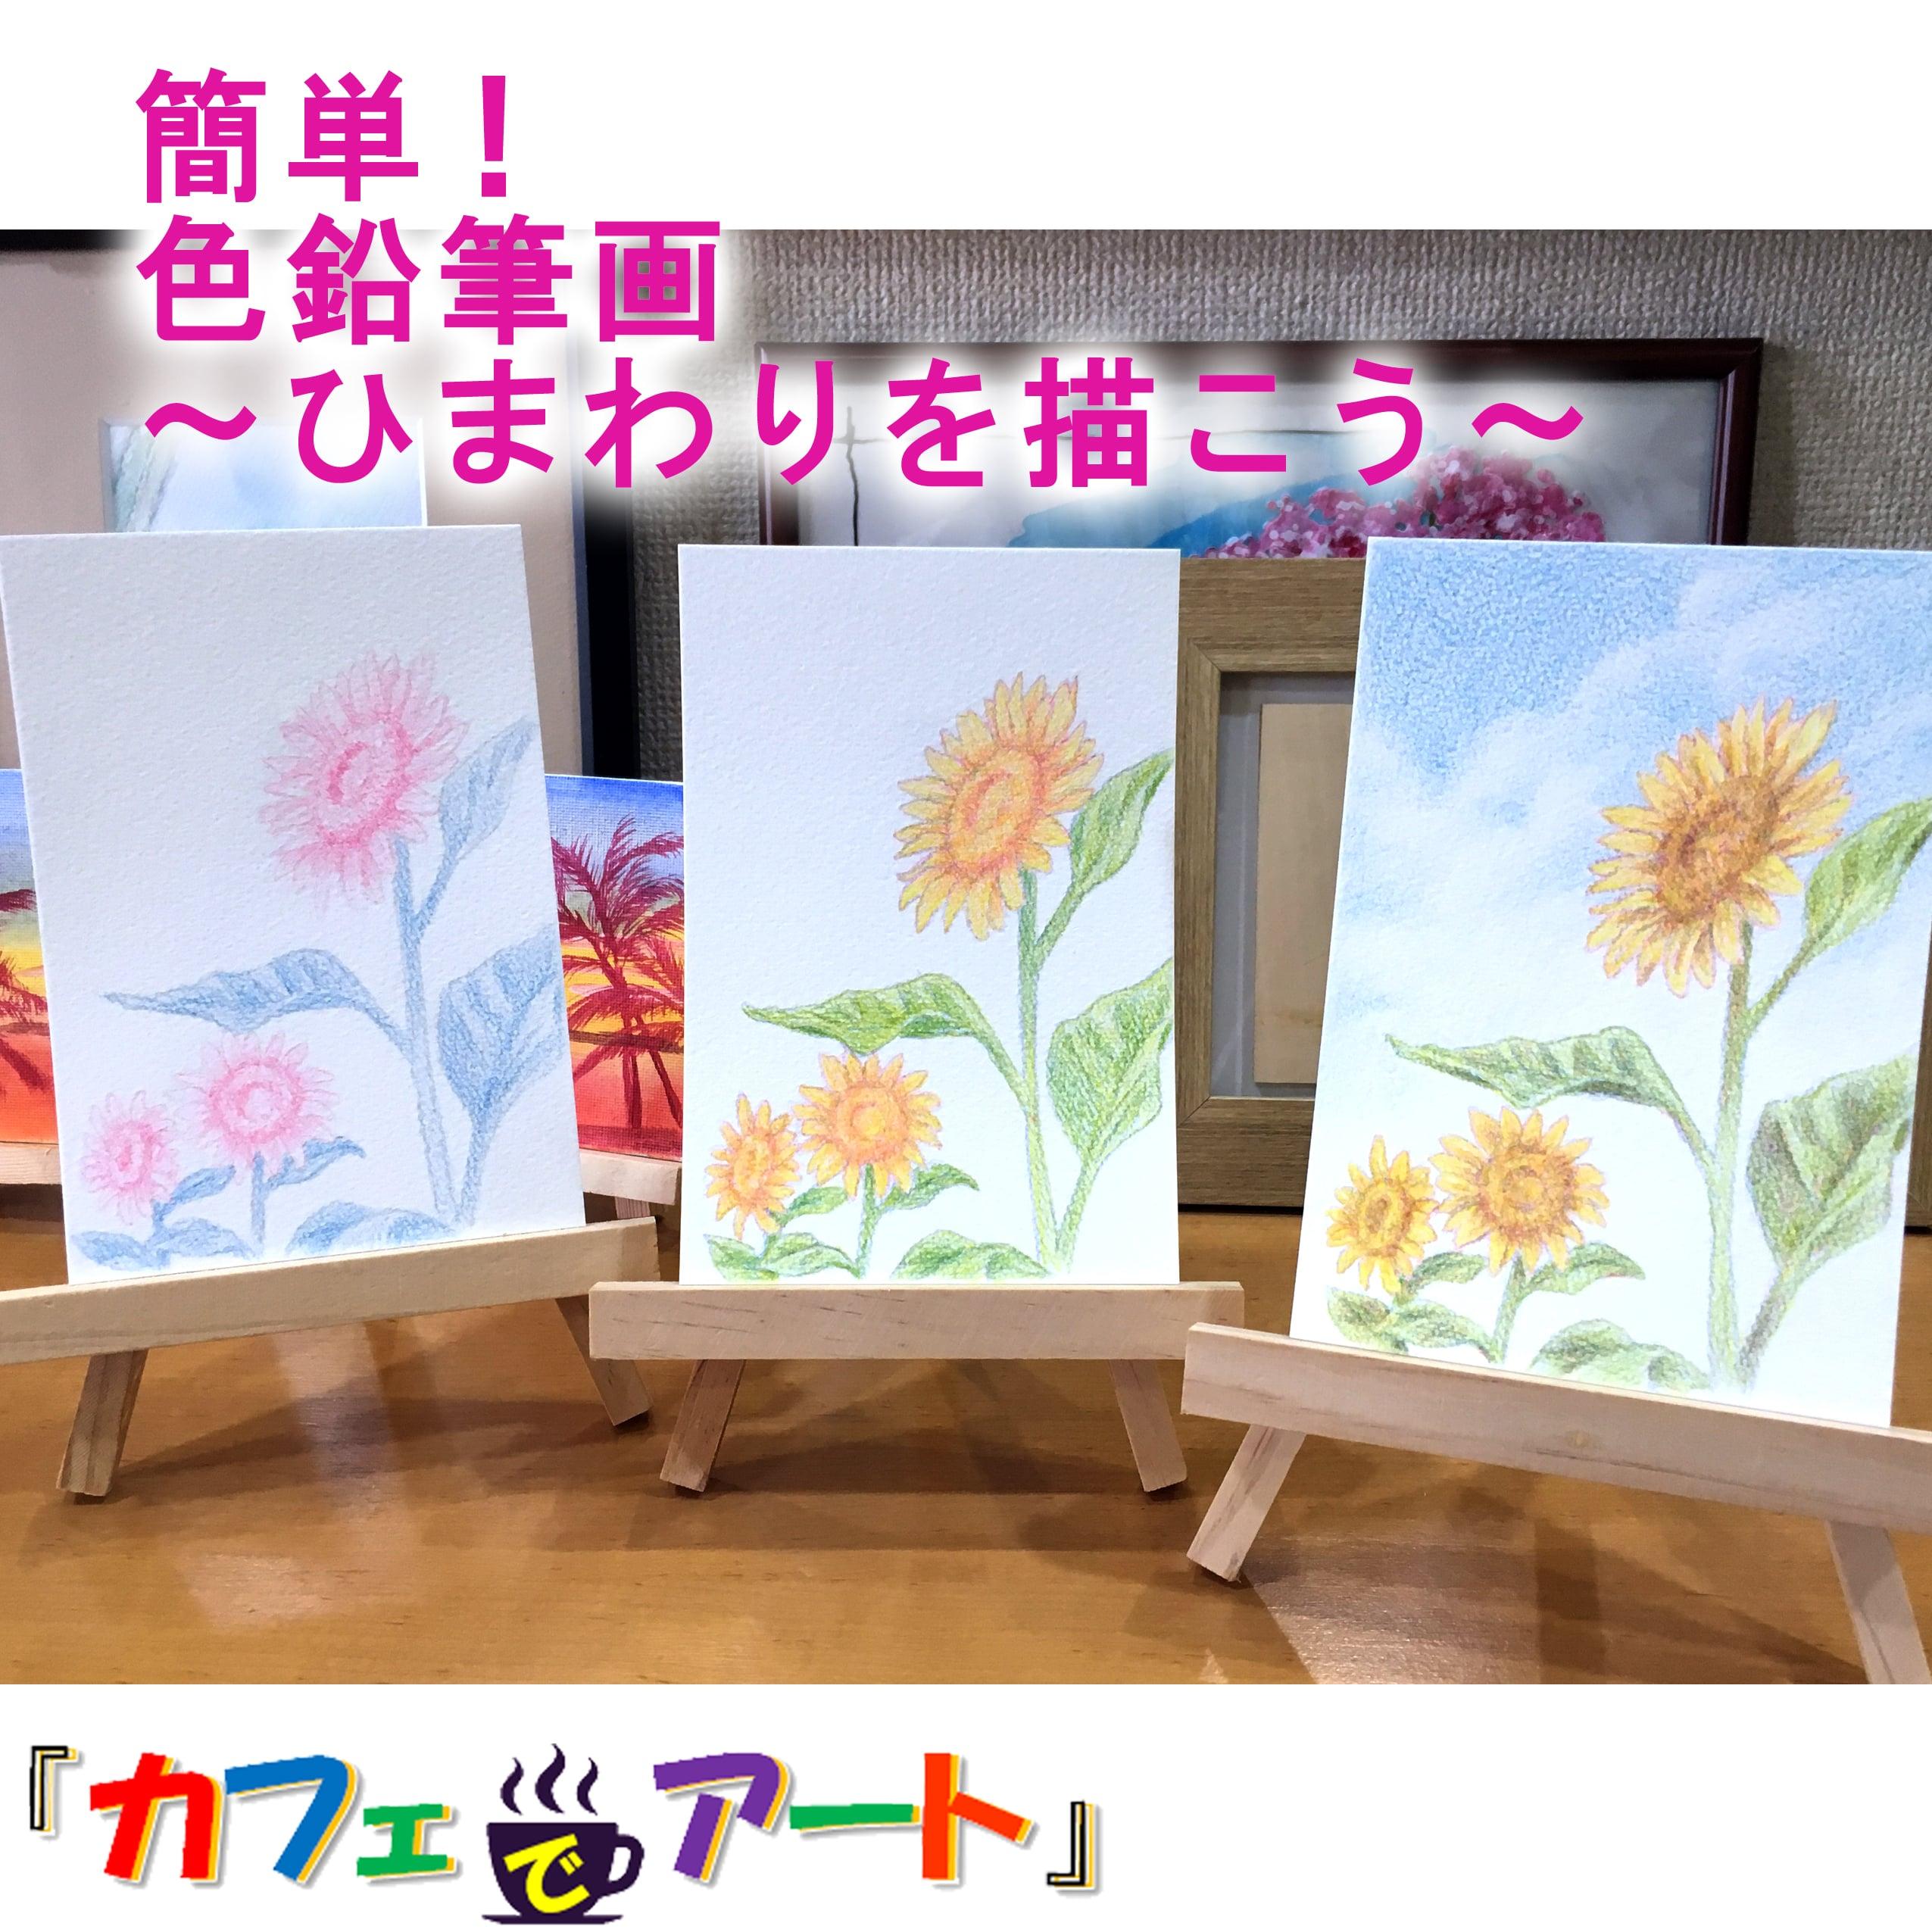 簡単!色鉛筆画〜ひまわりを描こう〜のイメージその1